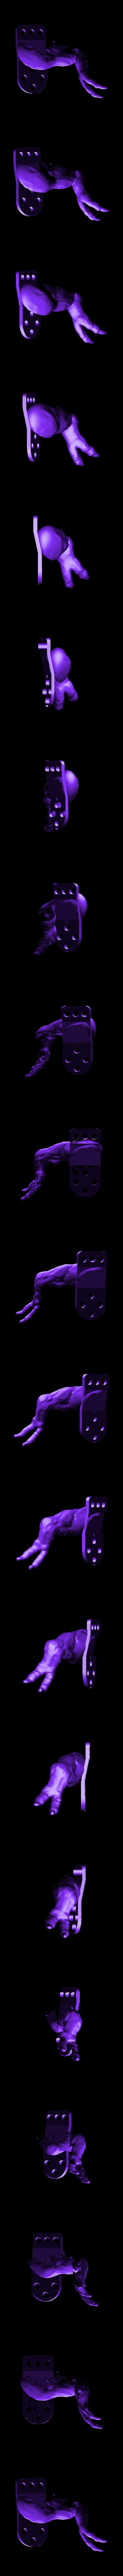 trex_alternative_arm_L.stl Télécharger fichier STL gratuit L'Ergosaurus Rex (Poppy Ergo Jr avec des pièces imprimées T-Rex 3D) • Design à imprimer en 3D, PoppyProject